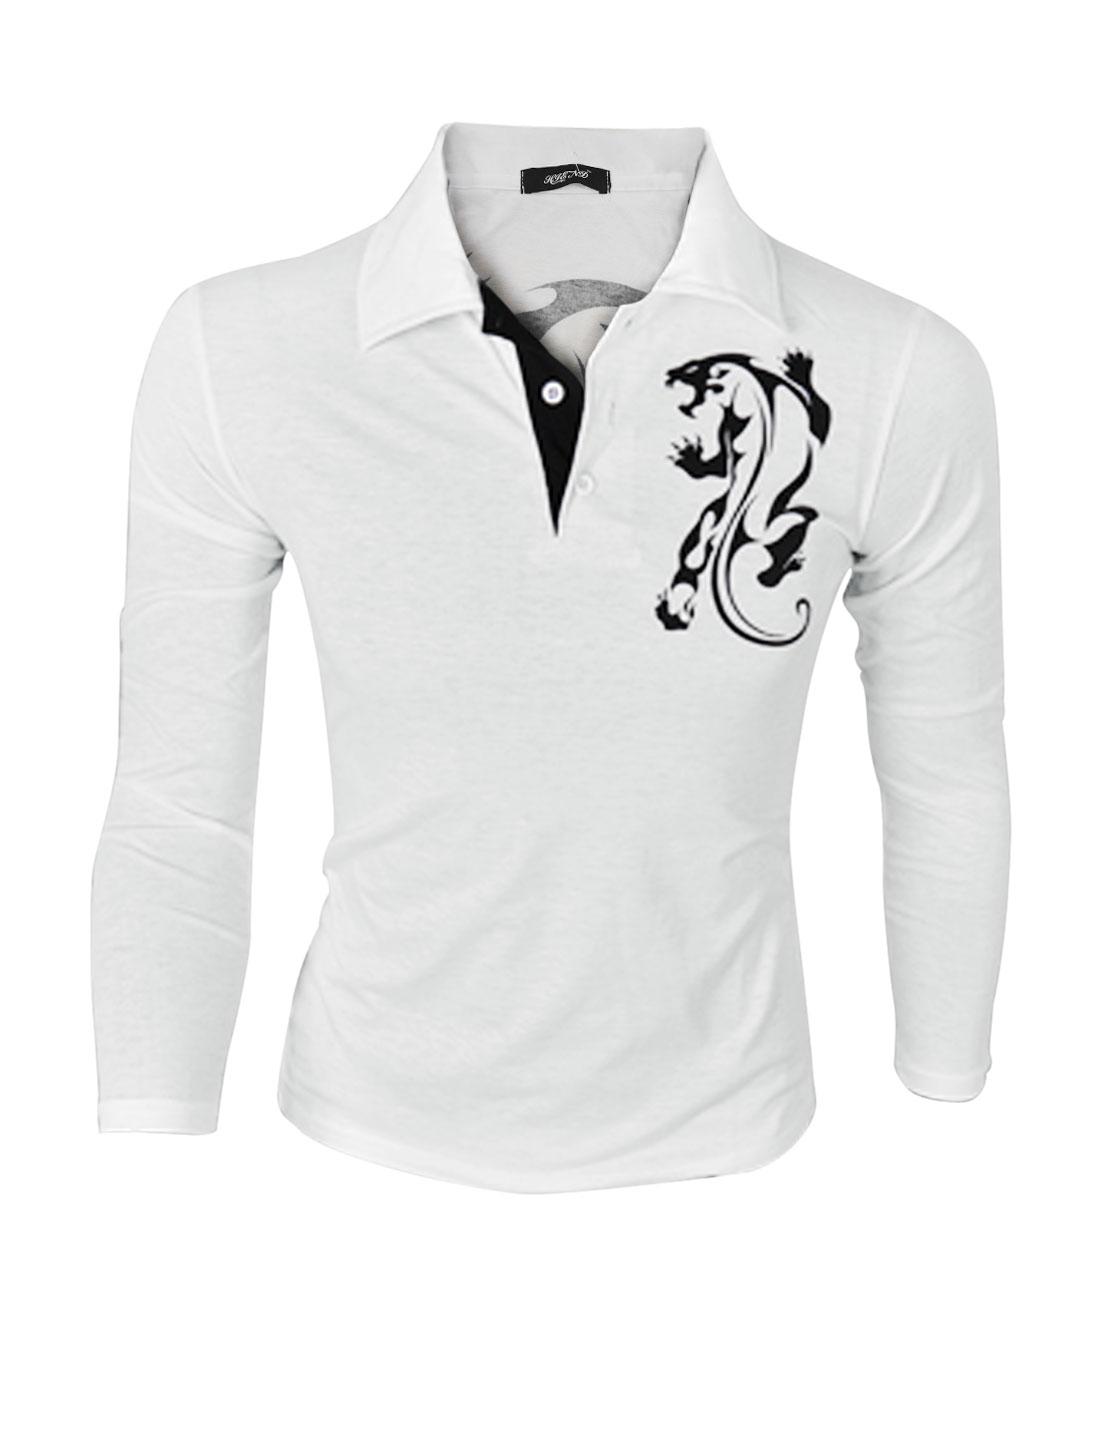 Men Point Collar Long Sleeves Cheetah Print Casual Polo Shirt White M